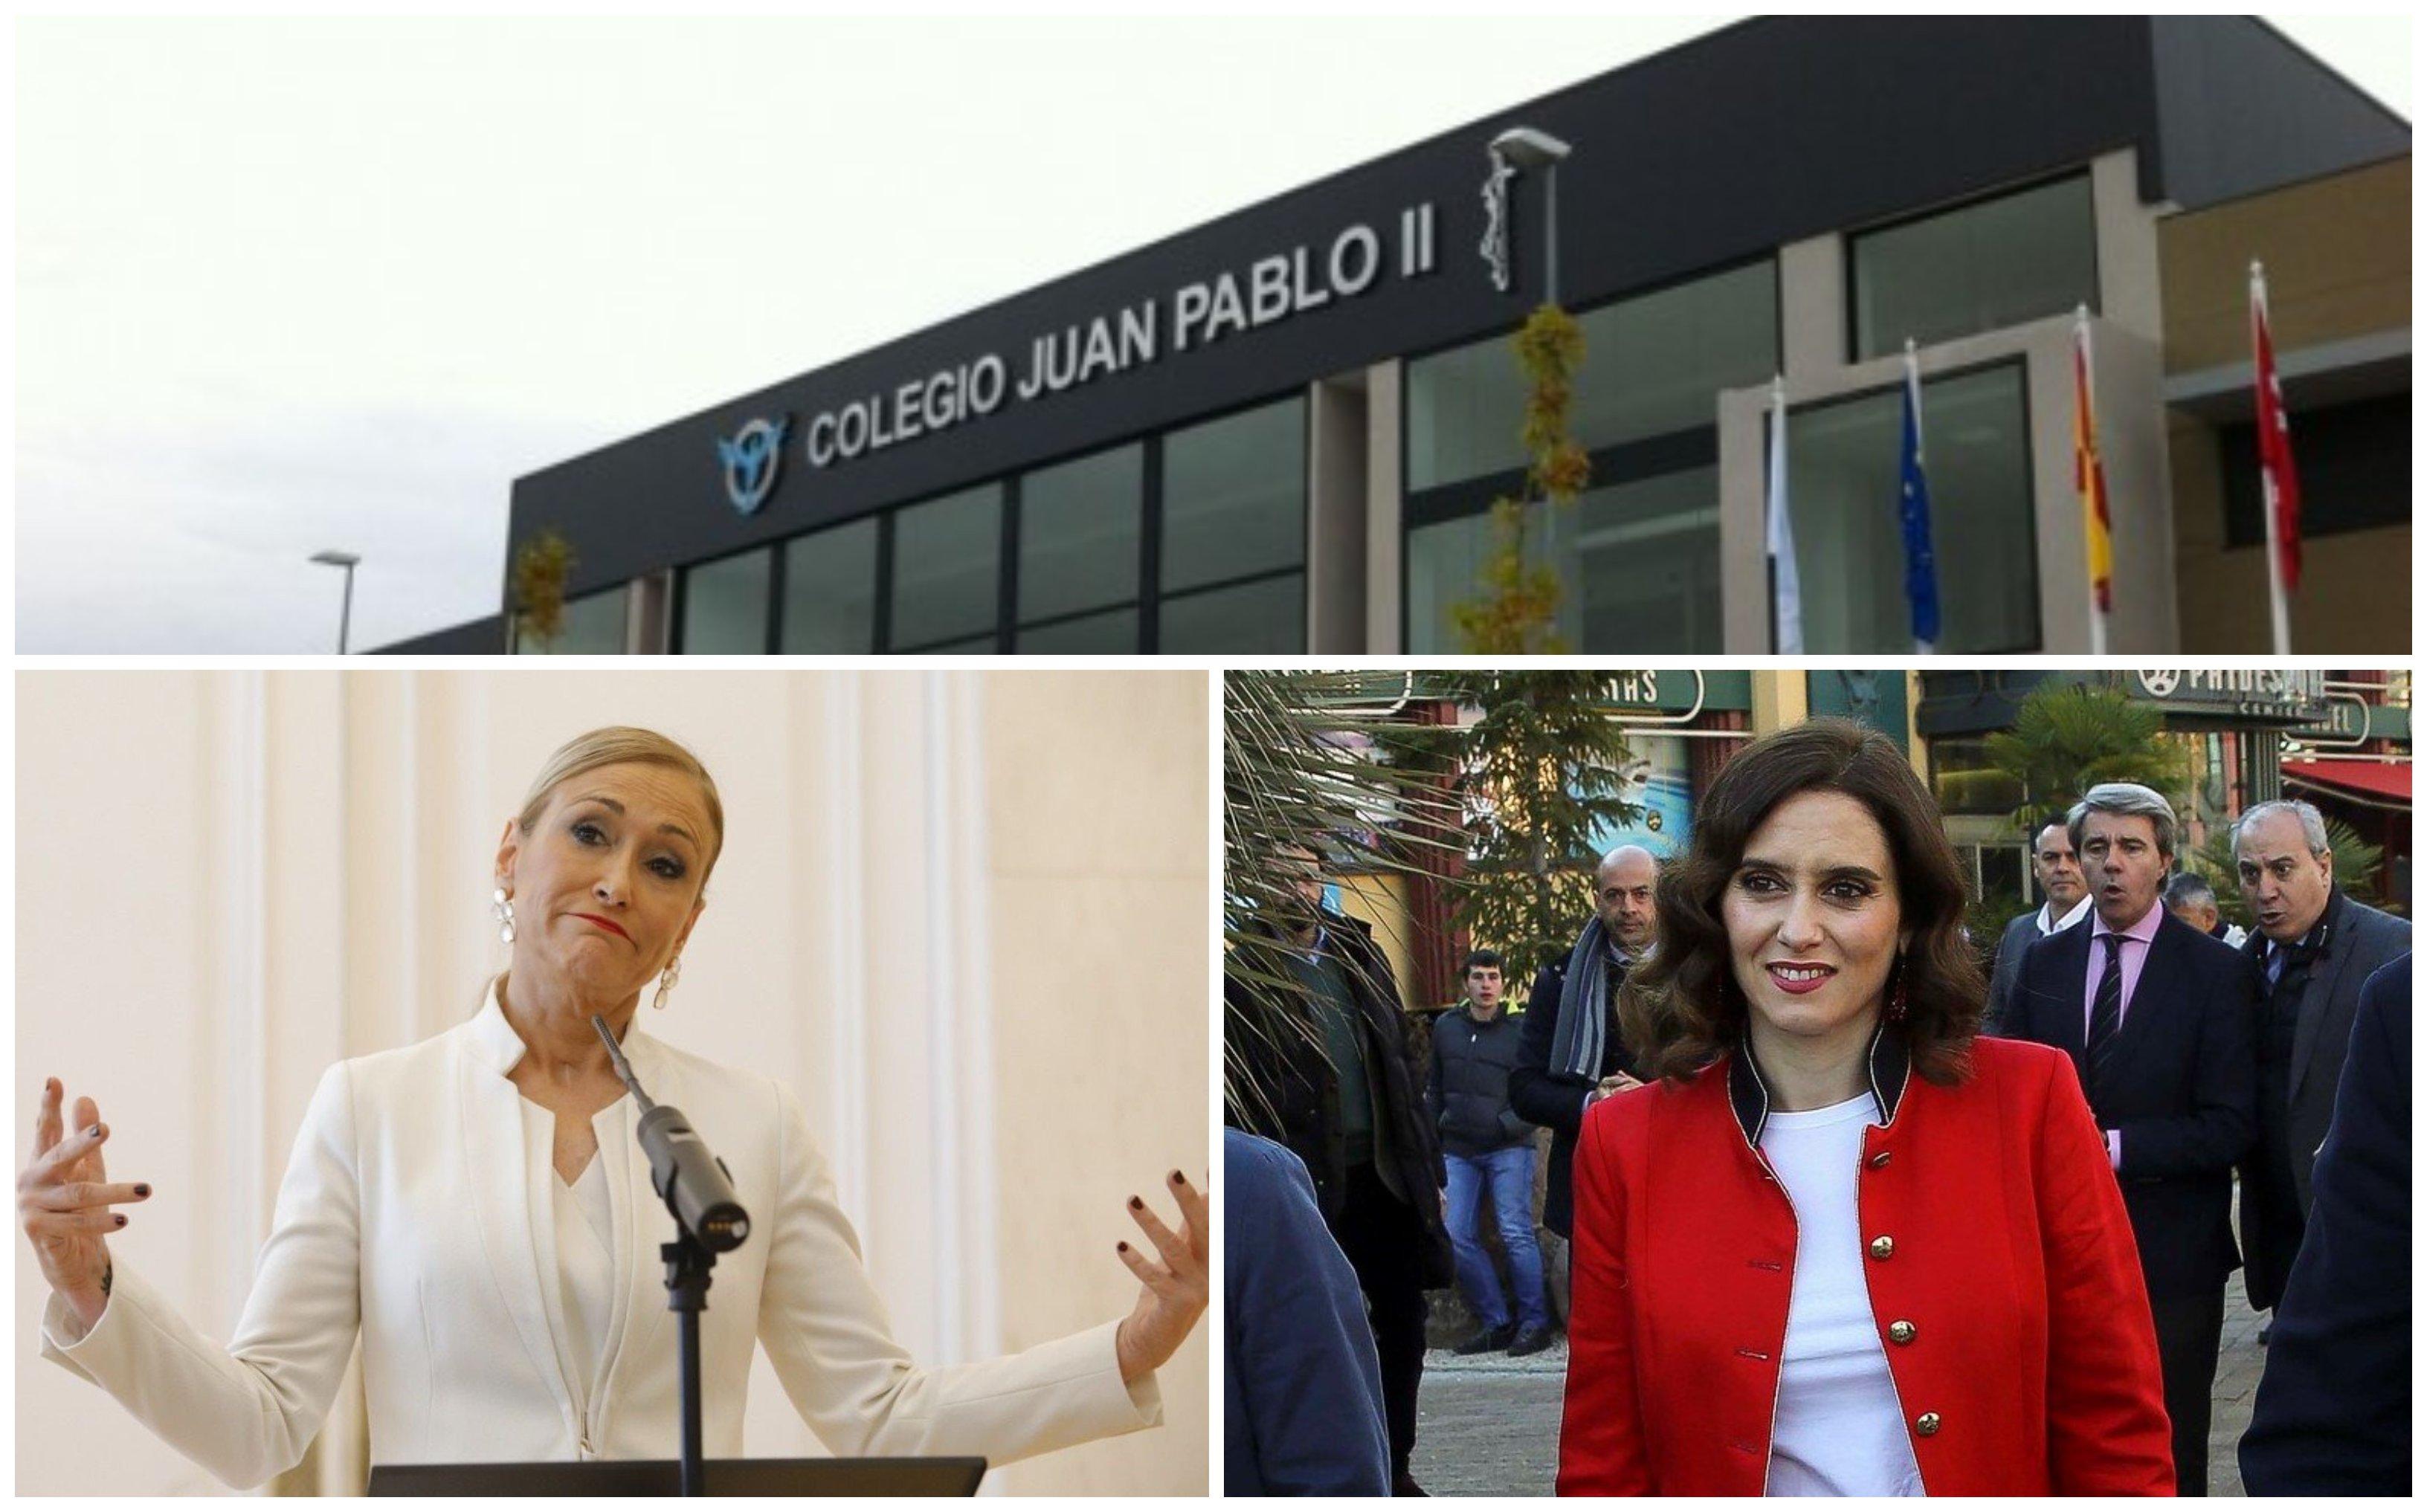 Isabel Díaz Ayuso se estrena con la ejecución de la sentencia que ordena devolver el importe de la sanción impuesta al colegio Juan Pablo II de Alcorcón